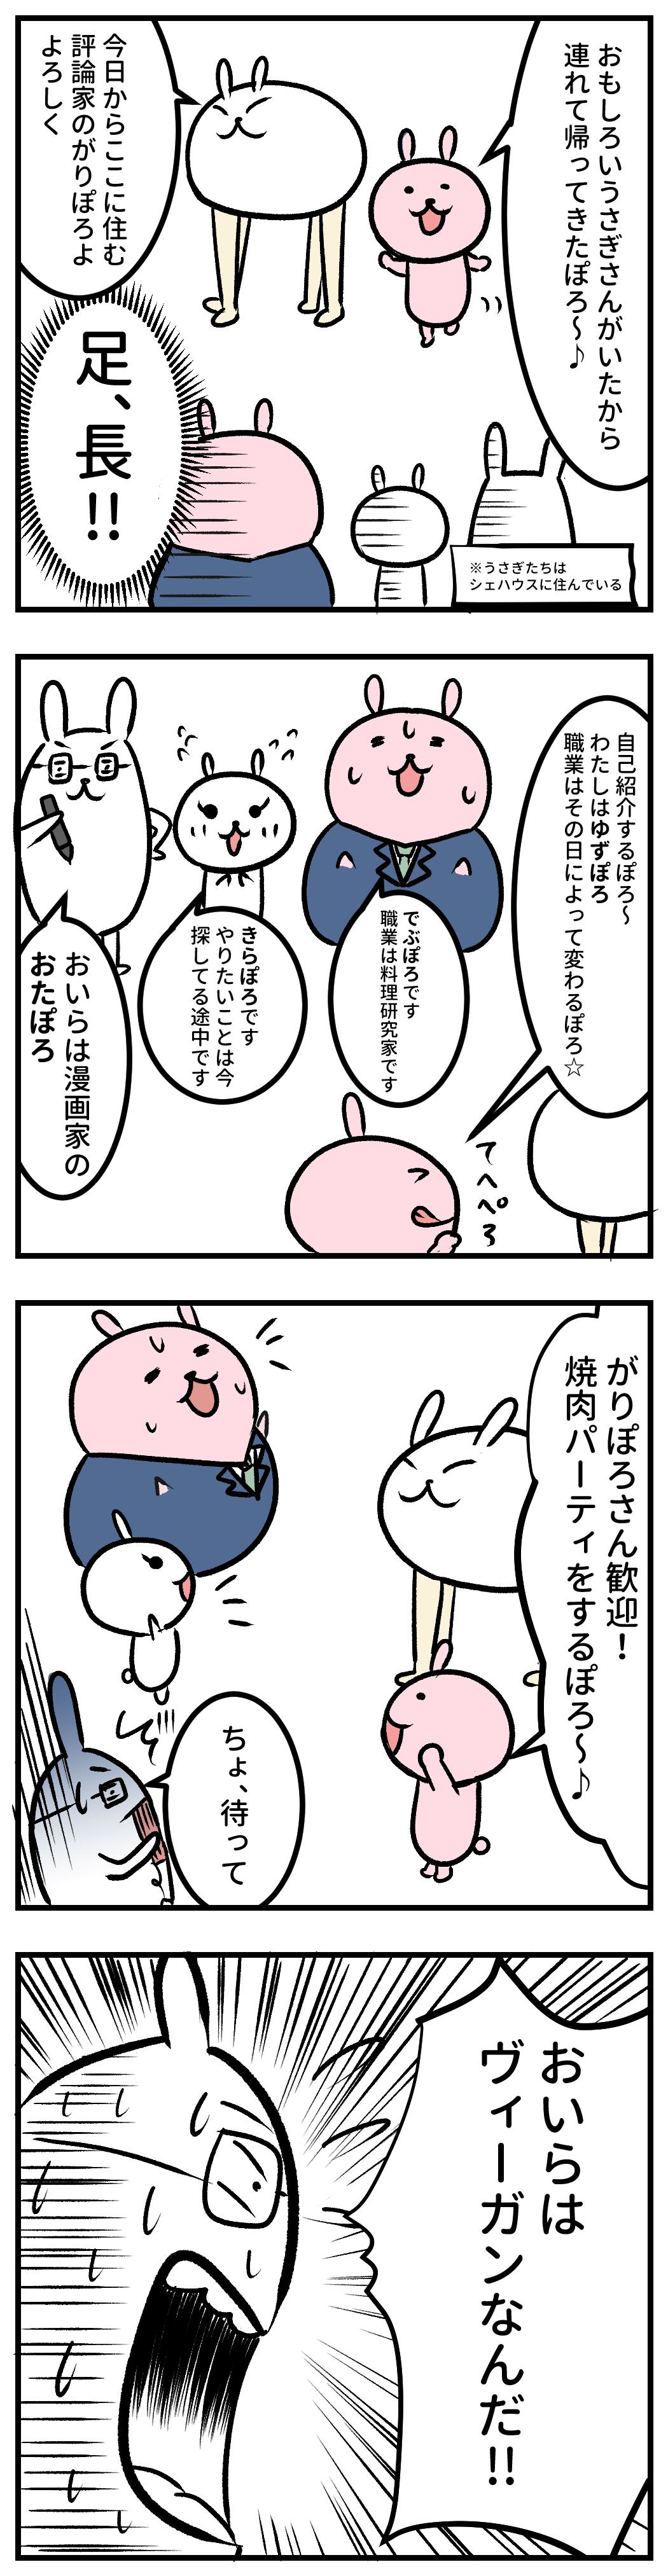 ビーガン 漫画